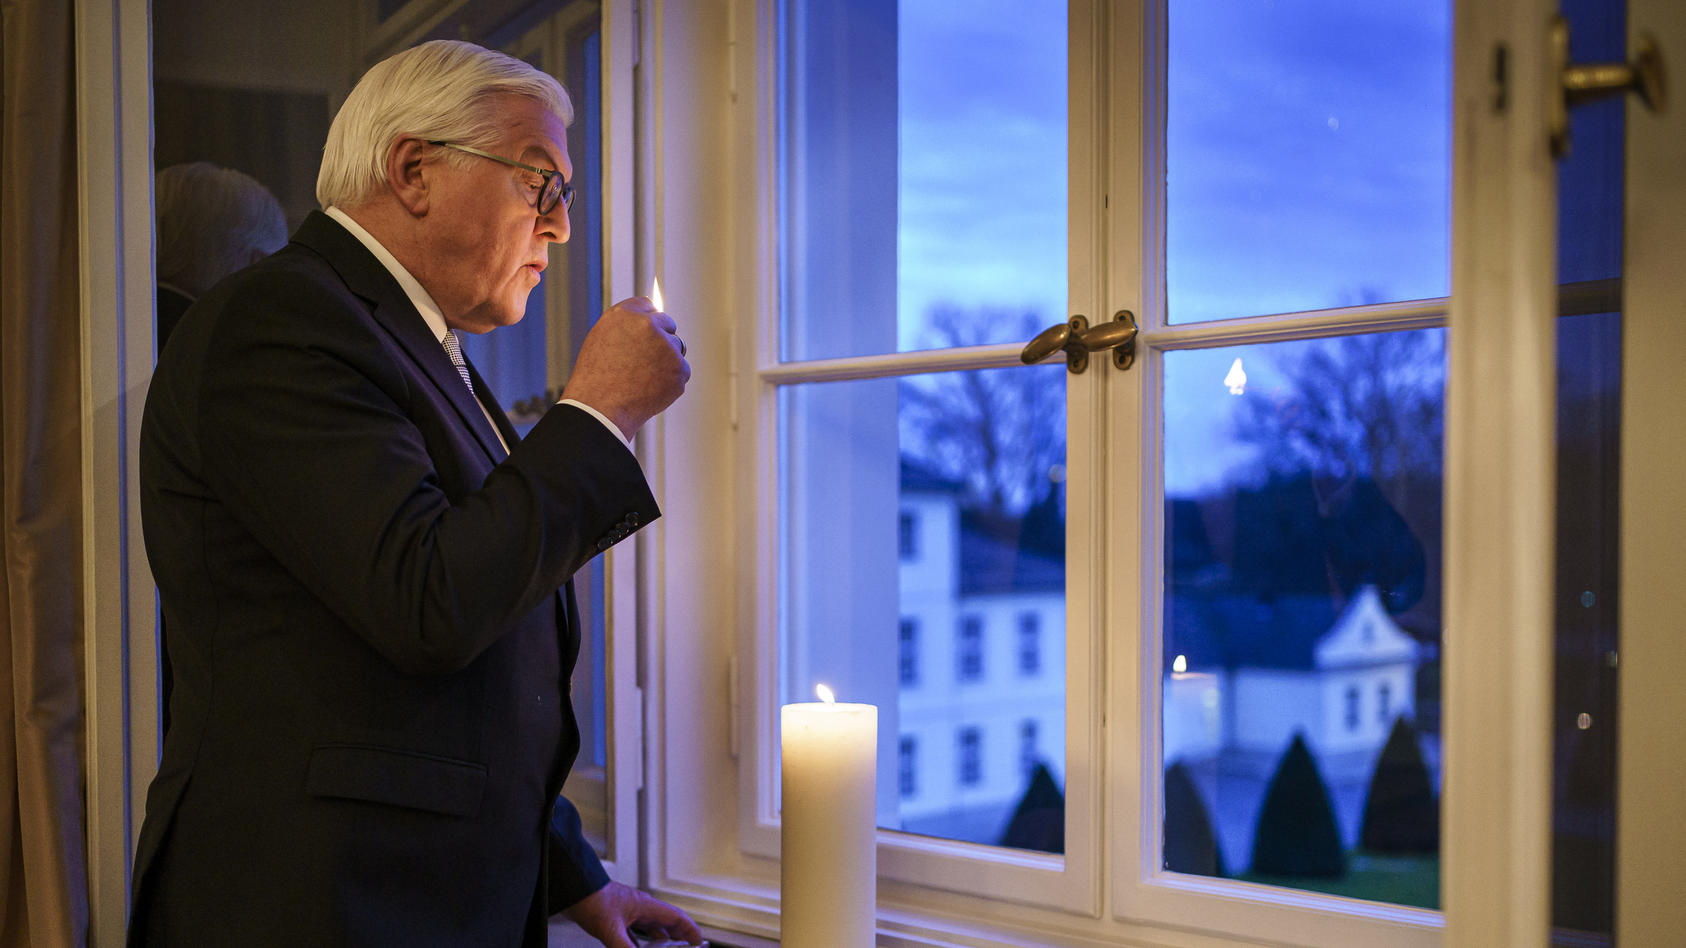 Das am 22.01.2021 zur Verfügung gestellte Foto zeigt Bundespräsident Frank-Walter Steinmeier, der mit einem Licht in einem Fenster von Schloss Bellevue ein Zeichen des gemeinsamen Gedenkens setzt und zur Aktion #lichtfenster aufruft. | Handout